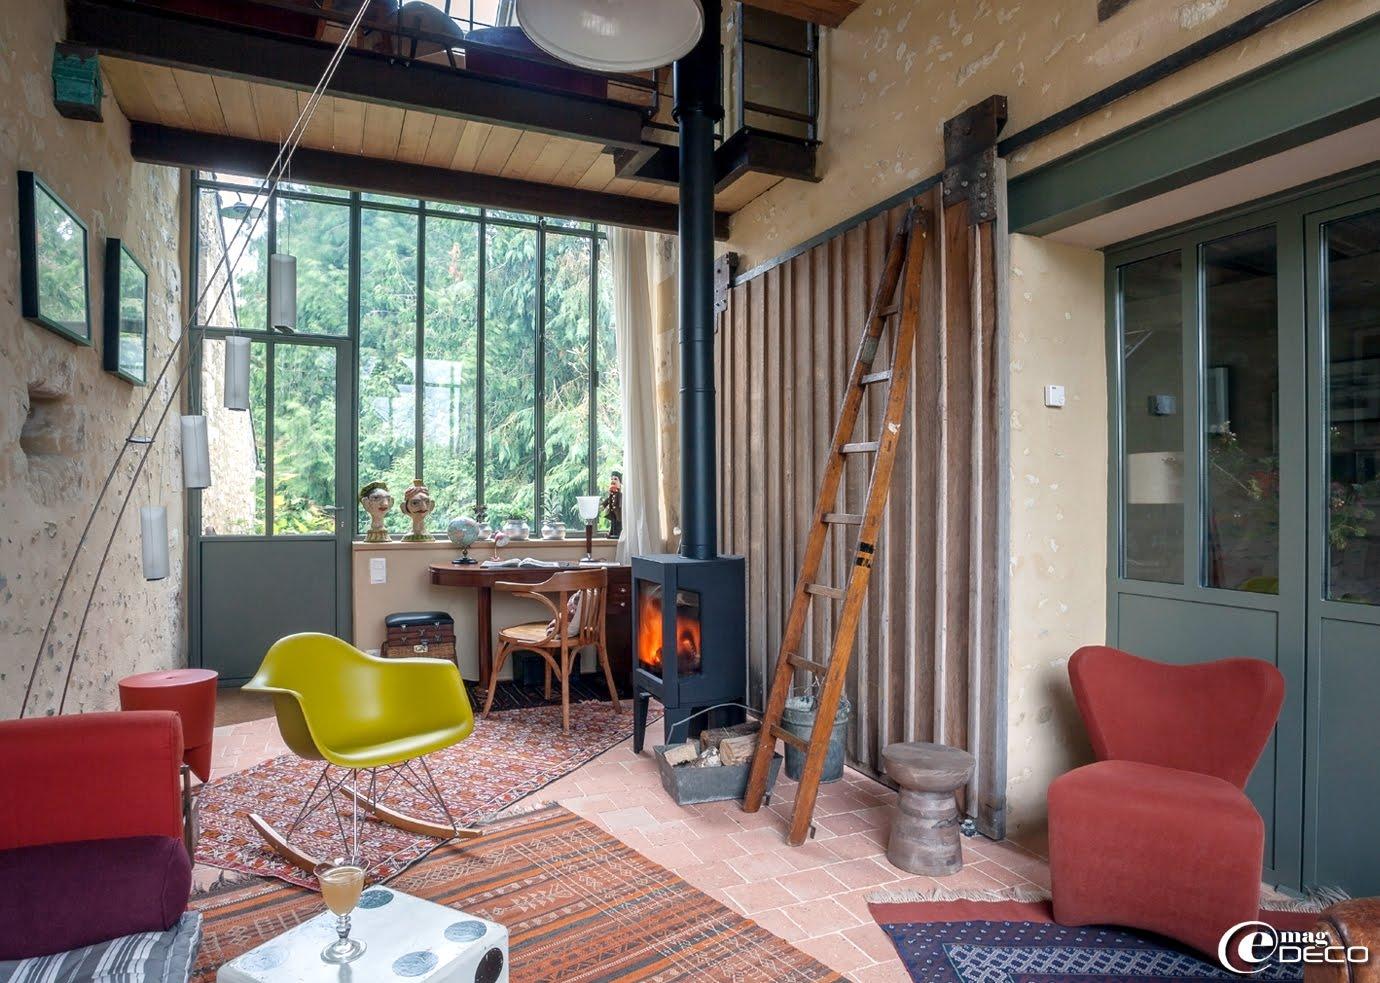 Dans un des salons lumineux de 'La Maison d'Hector' une chaise à bascule RAR 1950 design Charles et Ray Eames rééditée par Vitra et une verrière métallique conçue par la 'Métallerie Fertoise'